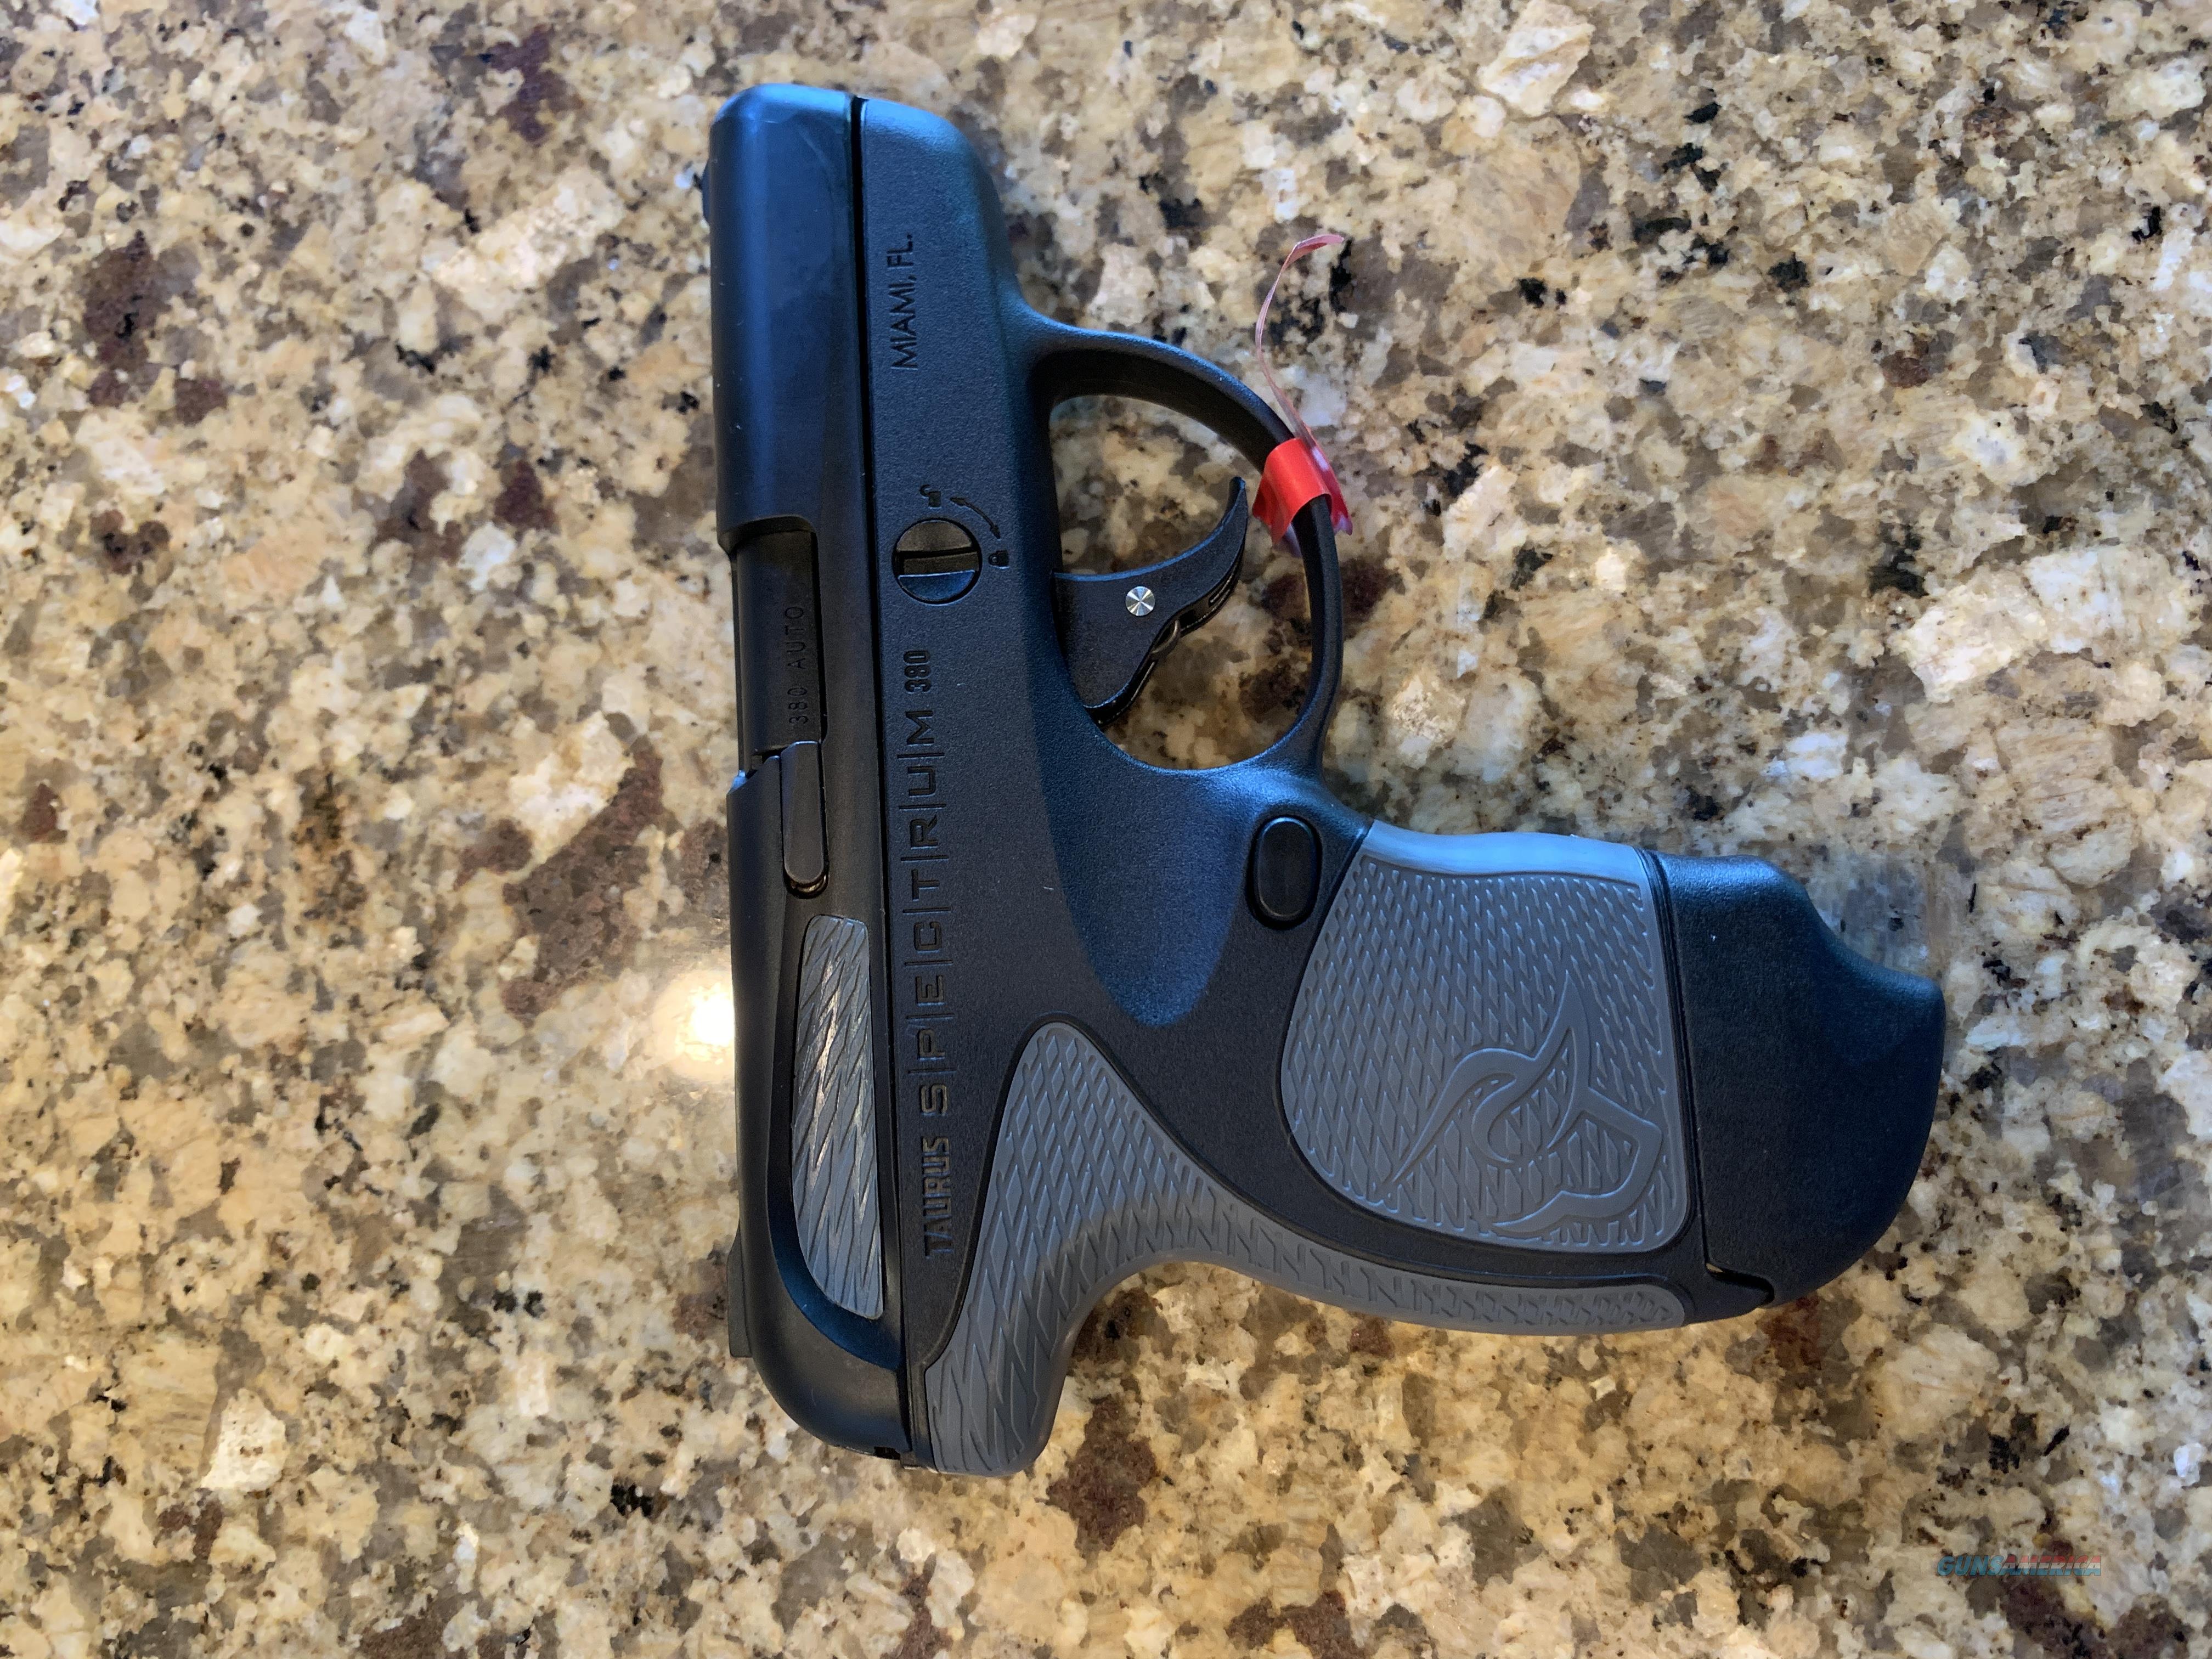 Tarus .380 Pistol  Guns > Pistols > Taurus Pistols > Semi Auto Pistols > Polymer Frame